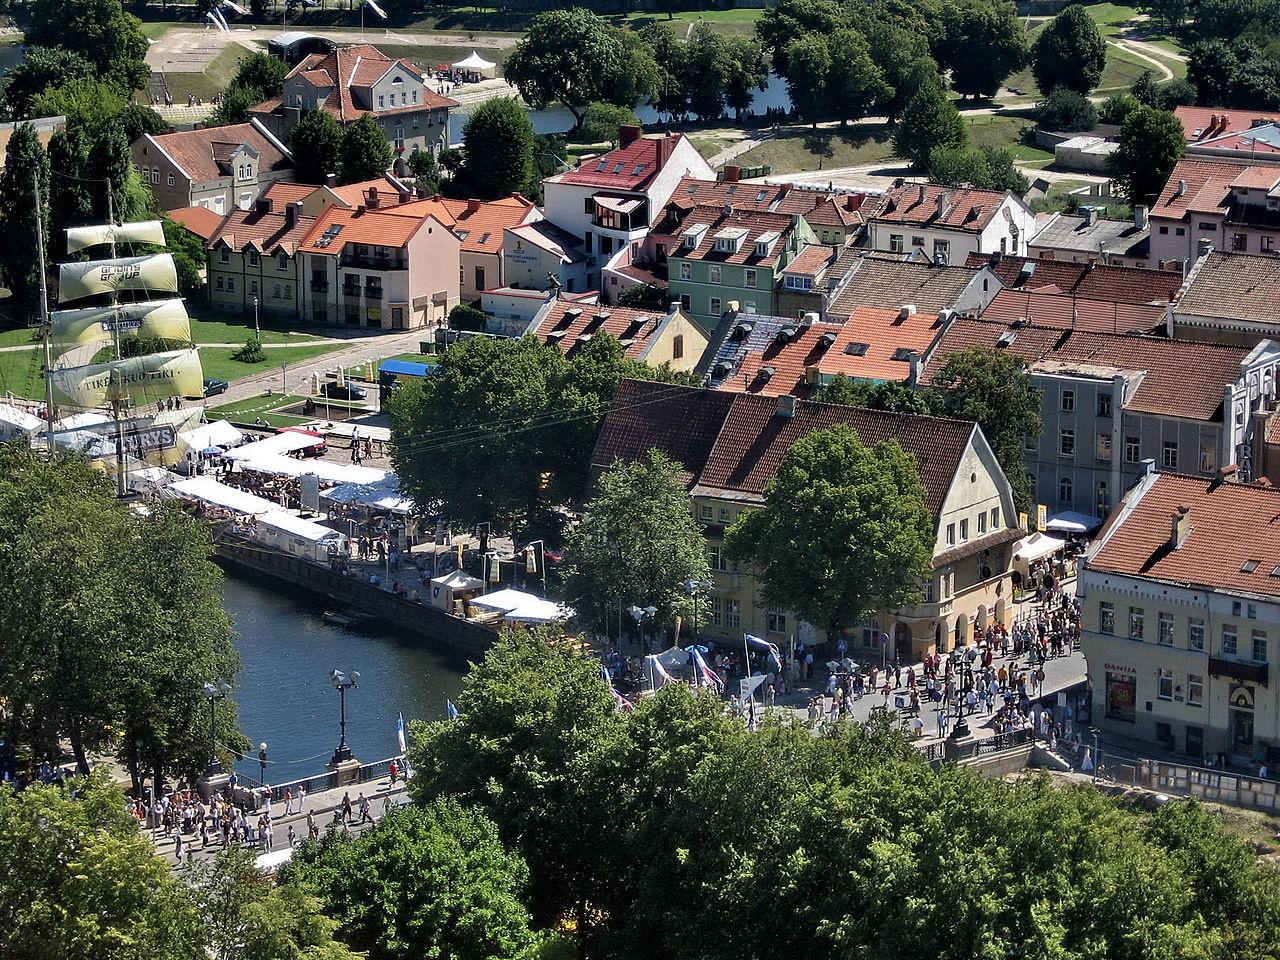 Klaipėdos miesto savivaldybė – tarp geriausiųjų Gerovės indekse